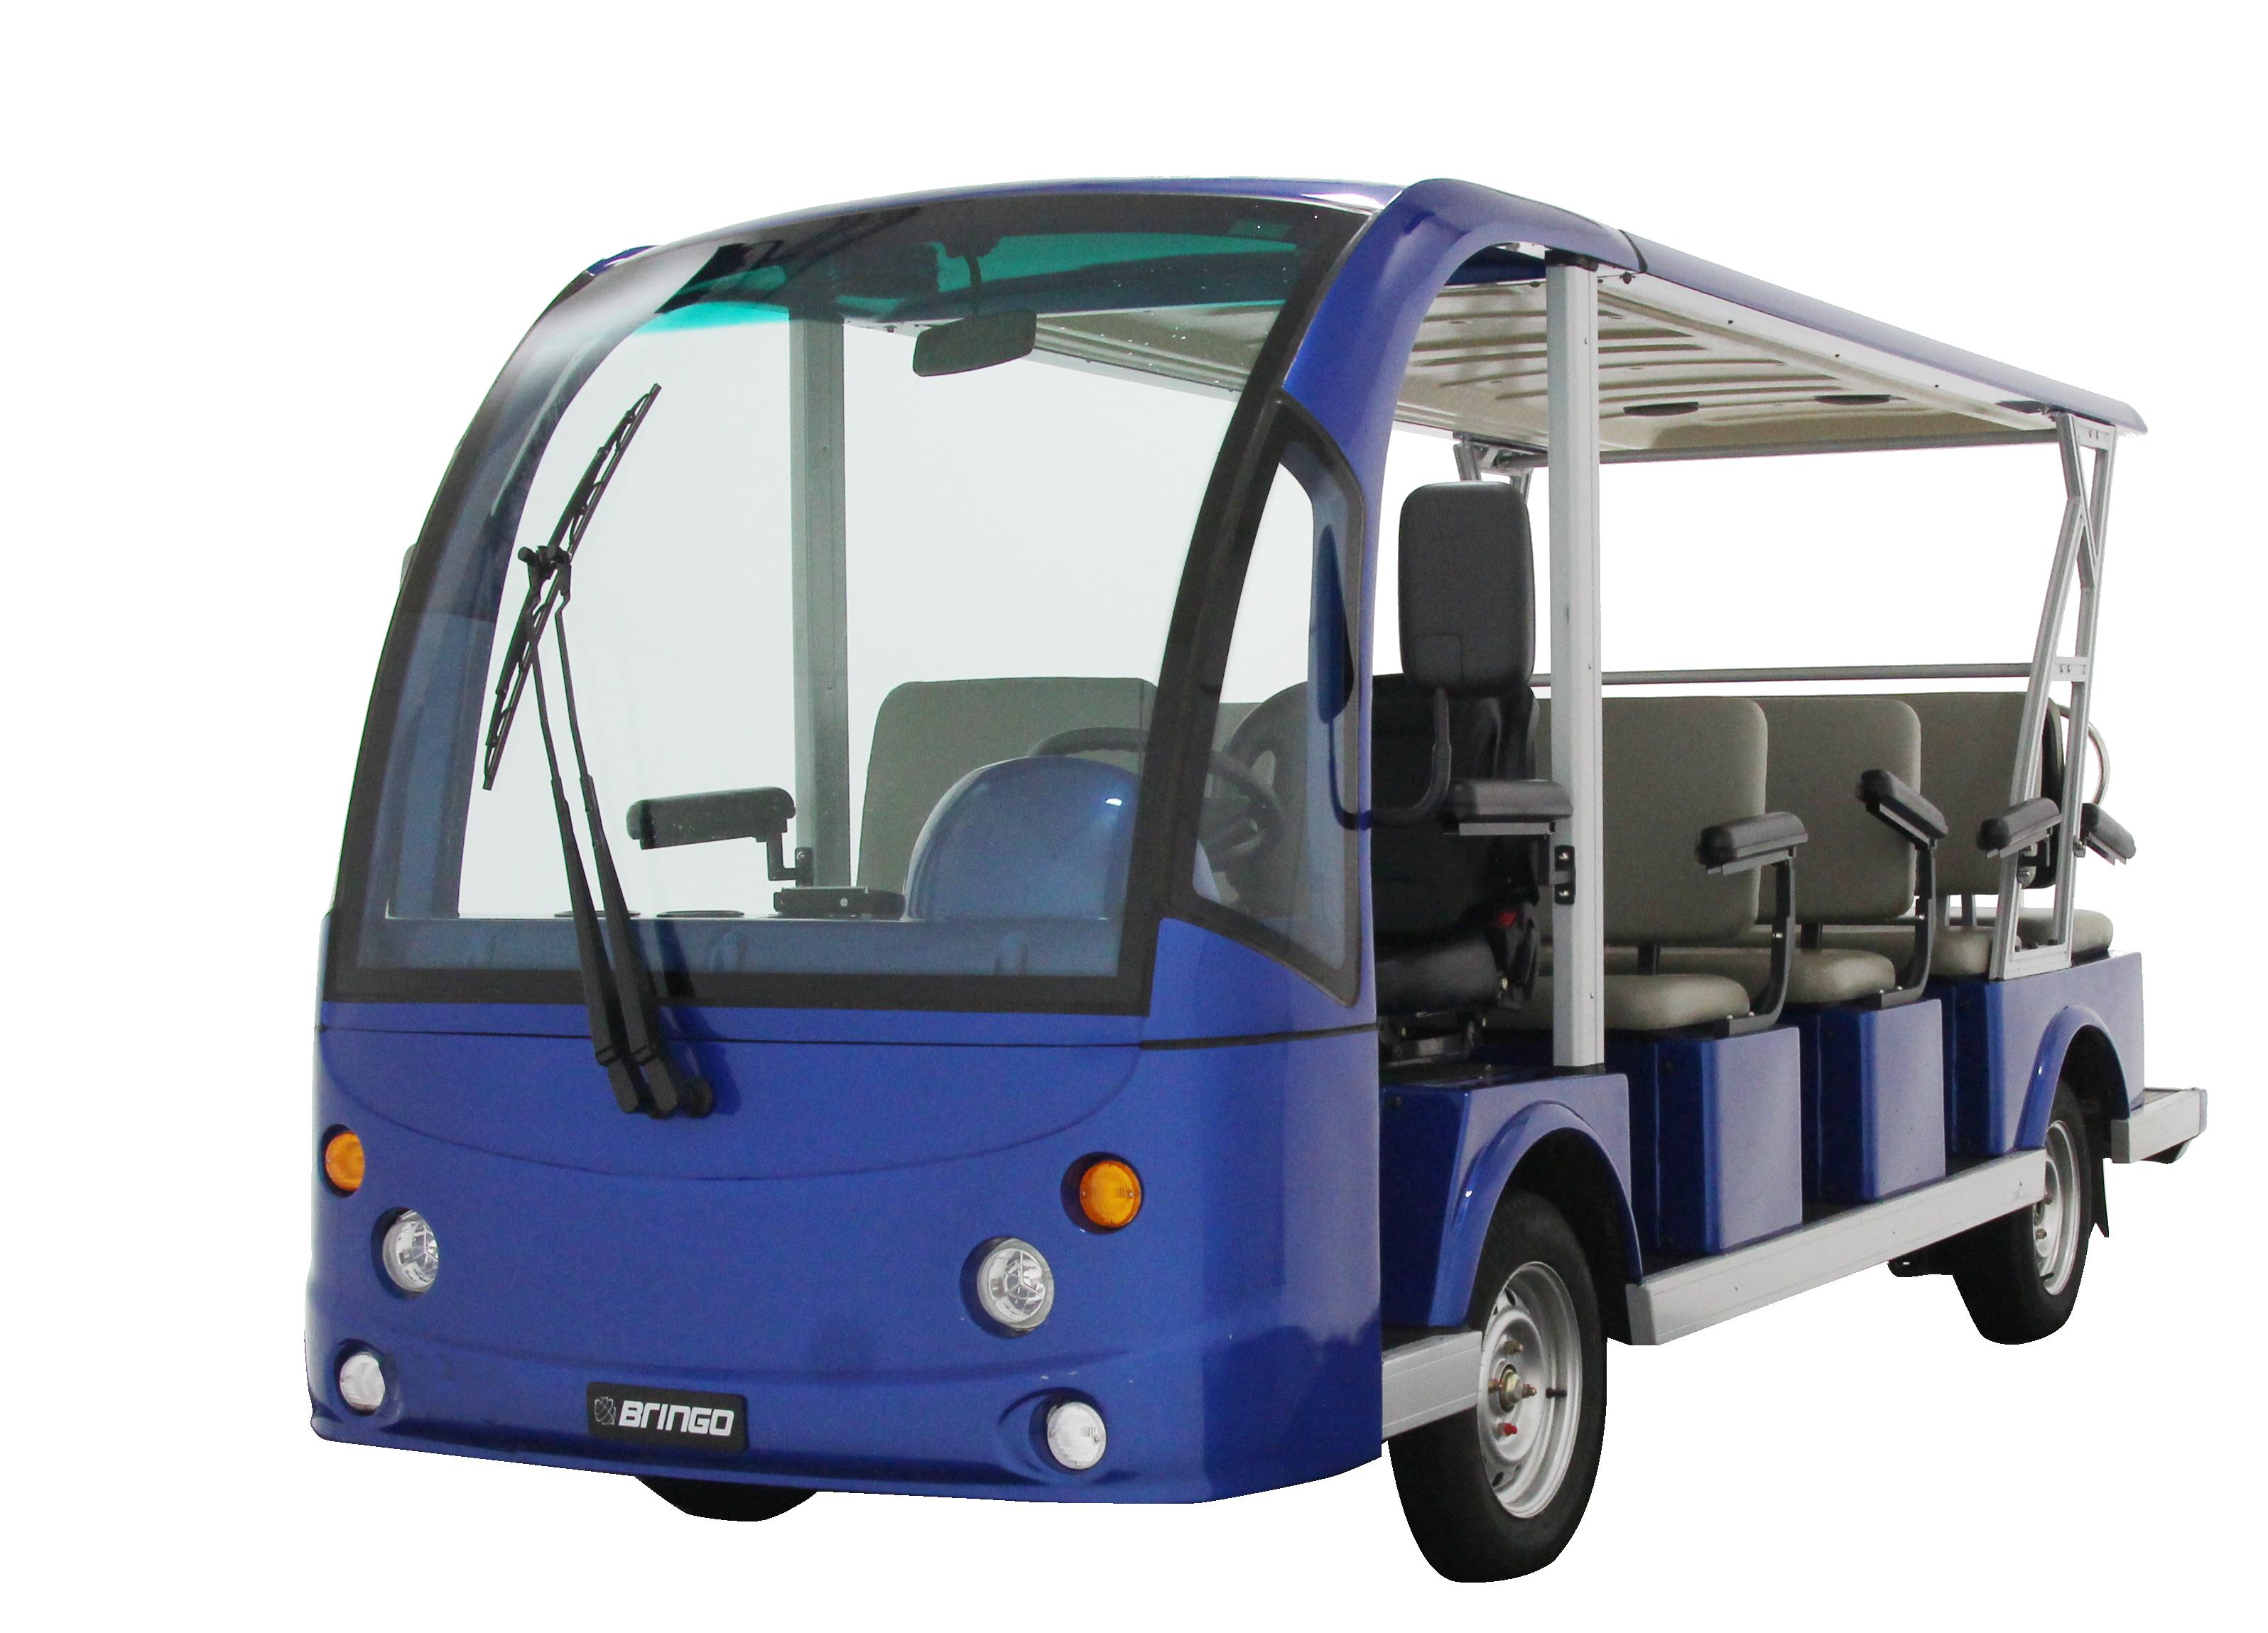 Golf Entfernungsmesser Yamaha : Golf cart golfcart golfcar golfauto golfwagen golfcaddy ecar